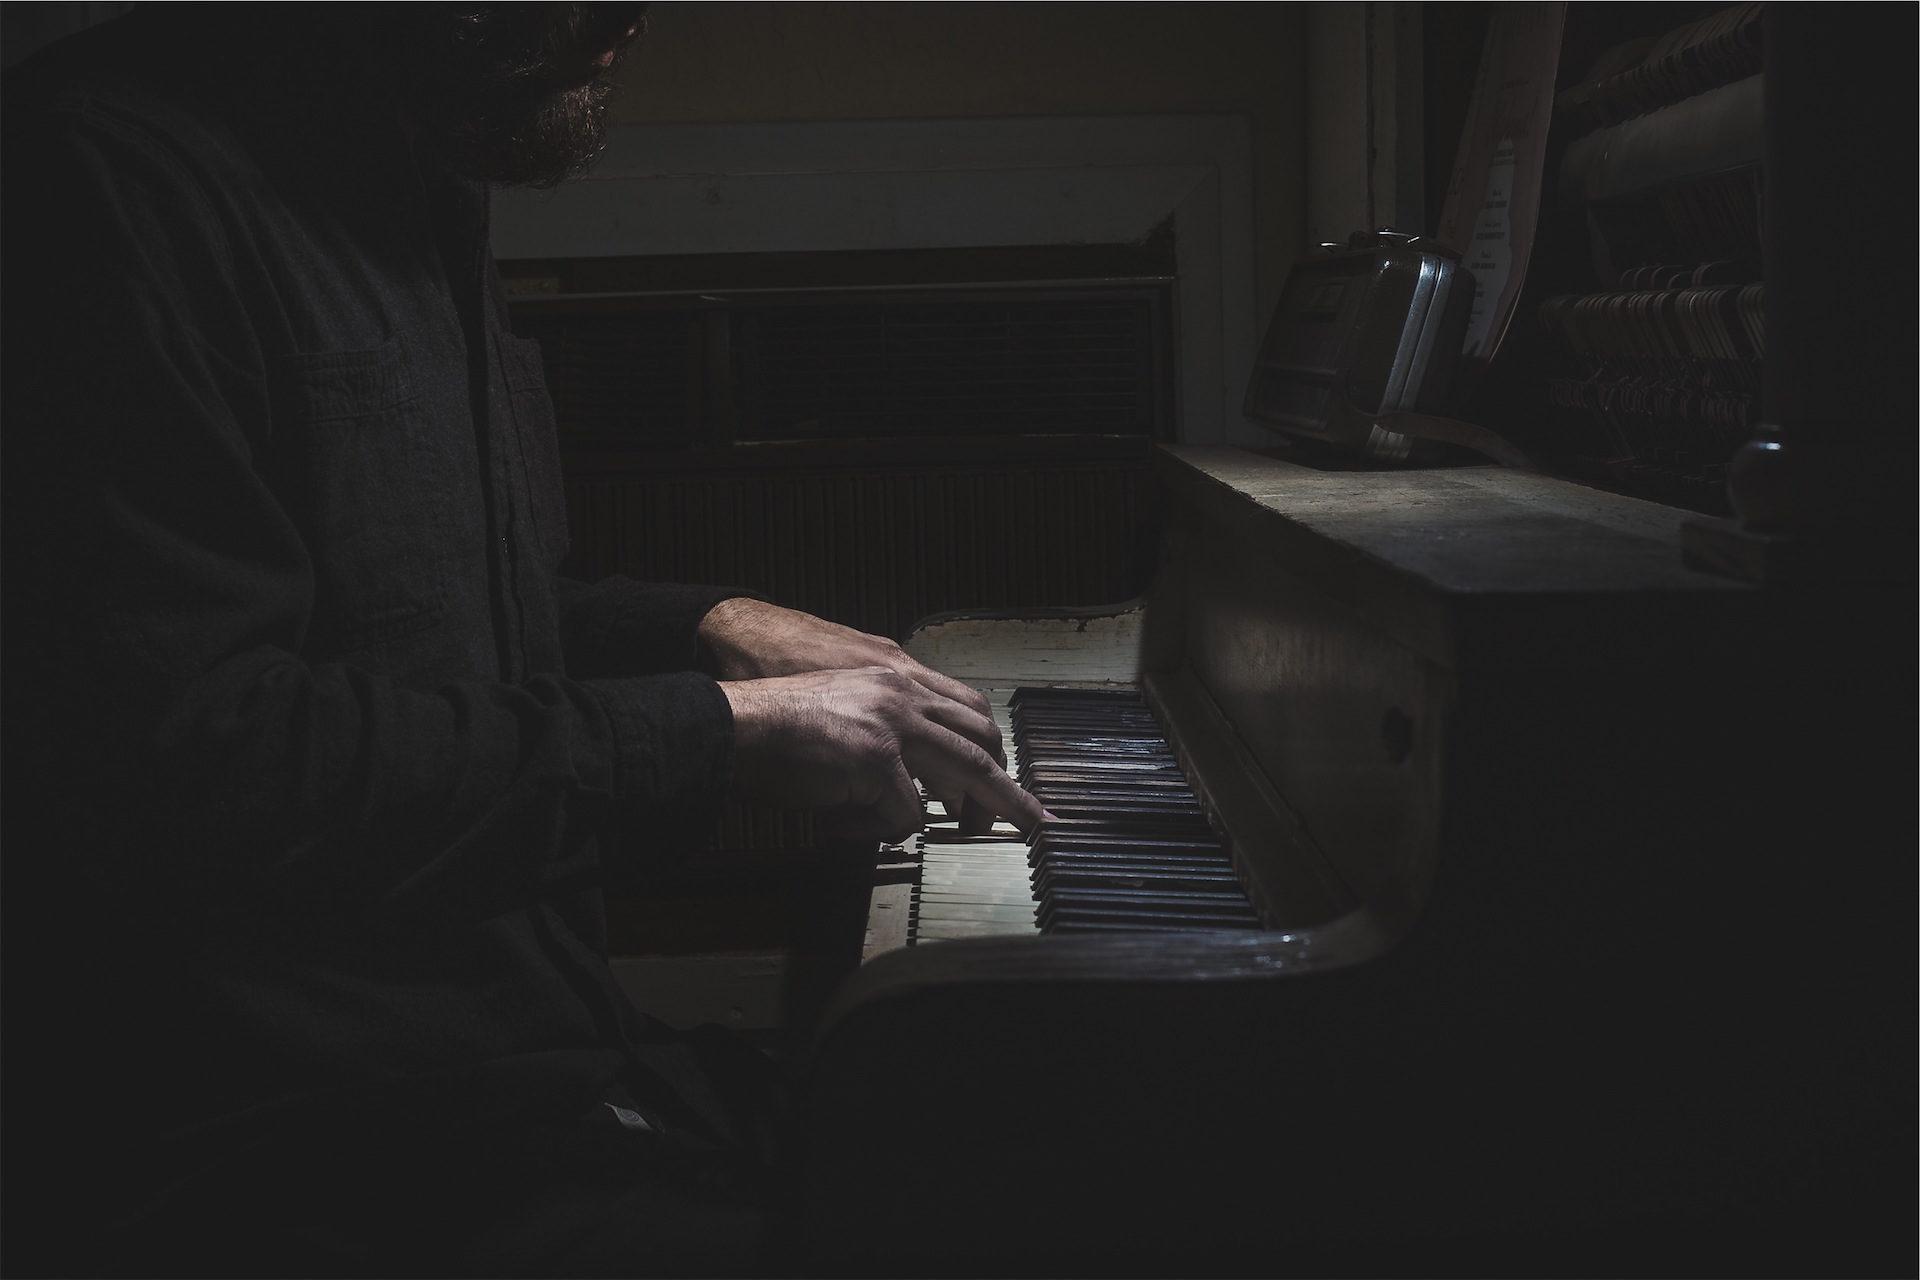 piano, velho, homem, músico, chaves - Papéis de parede HD - Professor-falken.com